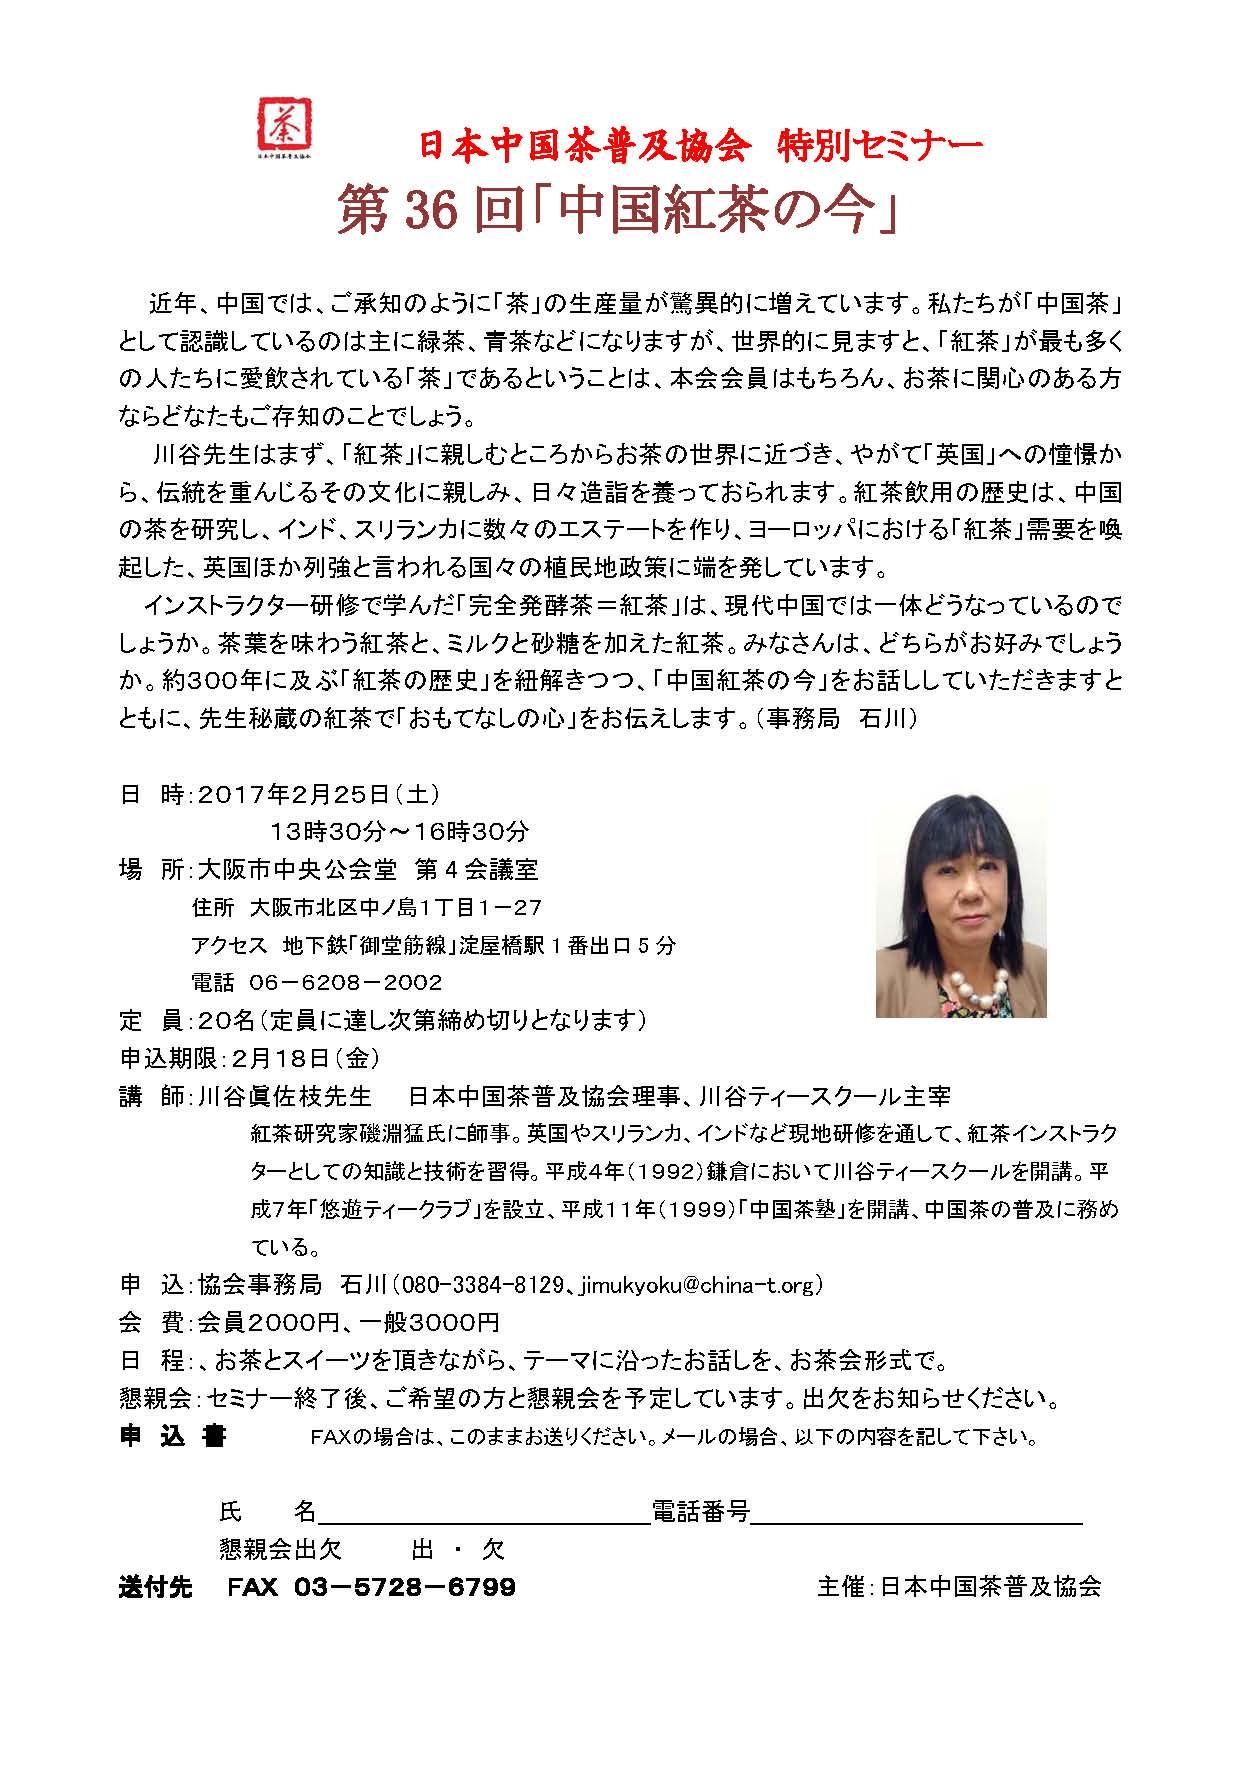 第36回 特別セミナー 「中国紅茶の今」(川谷先生)